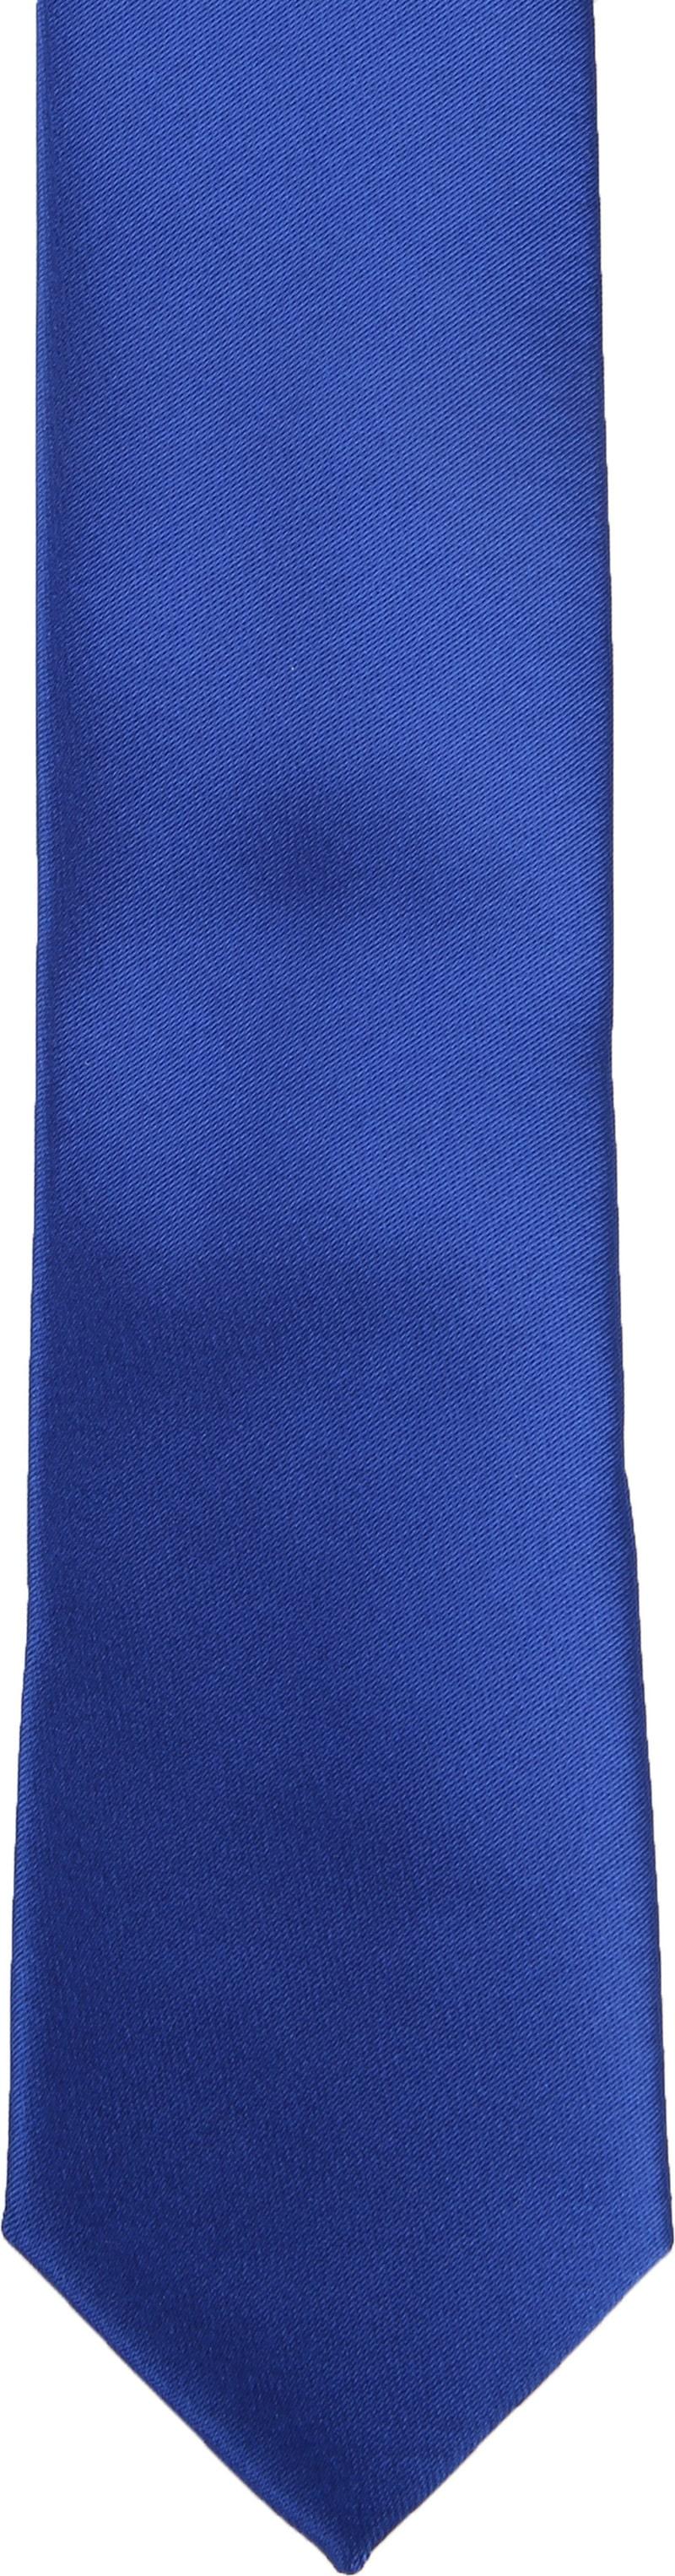 Suitable Krawatte Blau 929 Foto 1